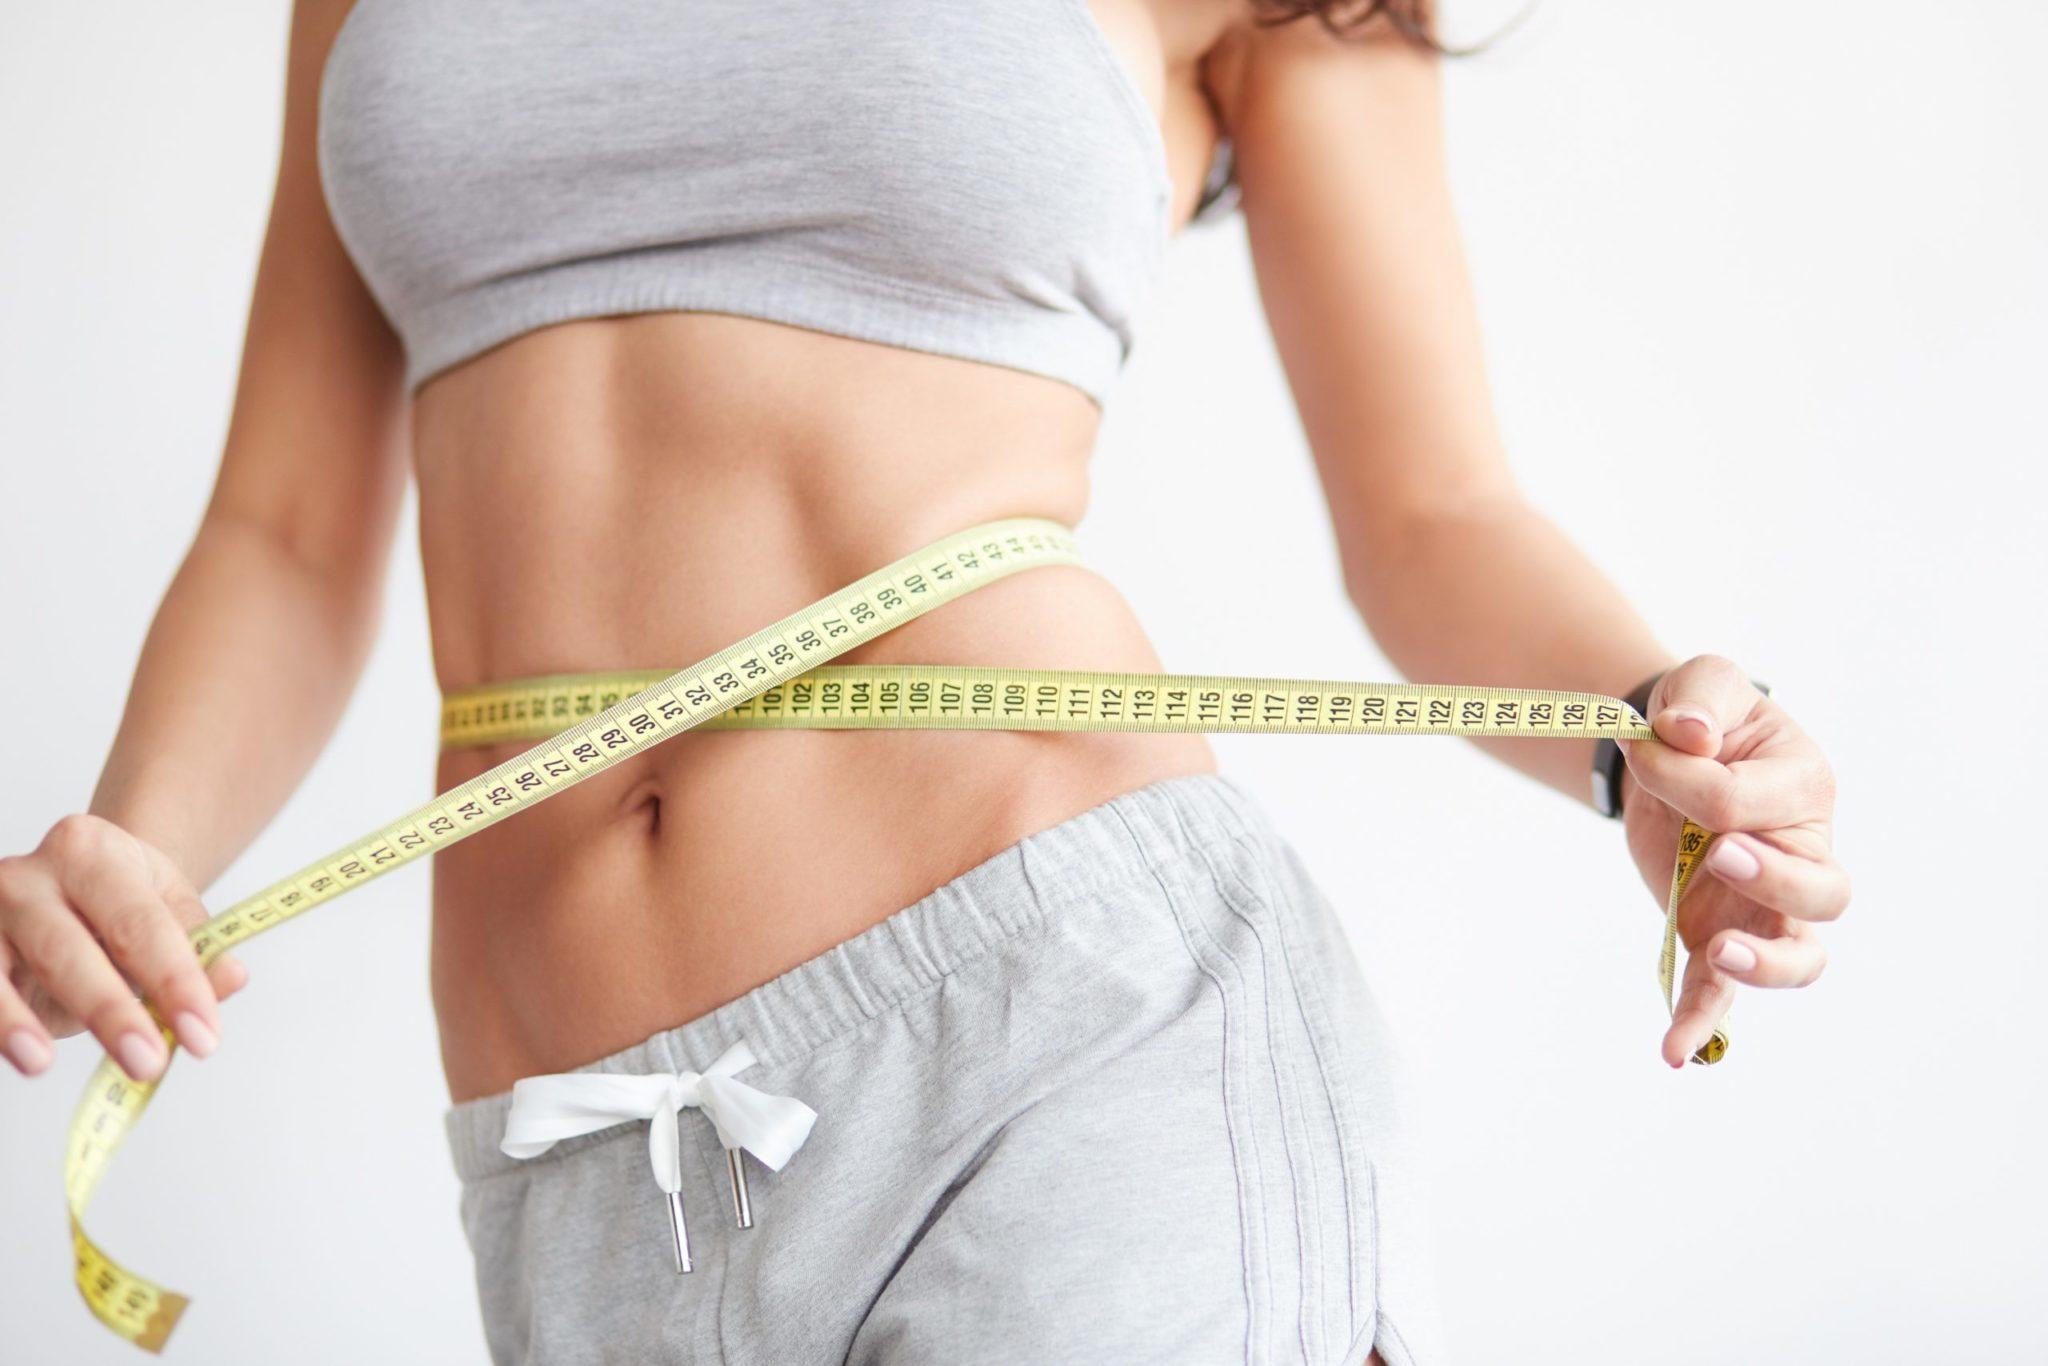 Заговоры Для Похудения Талии. Заговор на похудение или как убрать жир и целлюлит